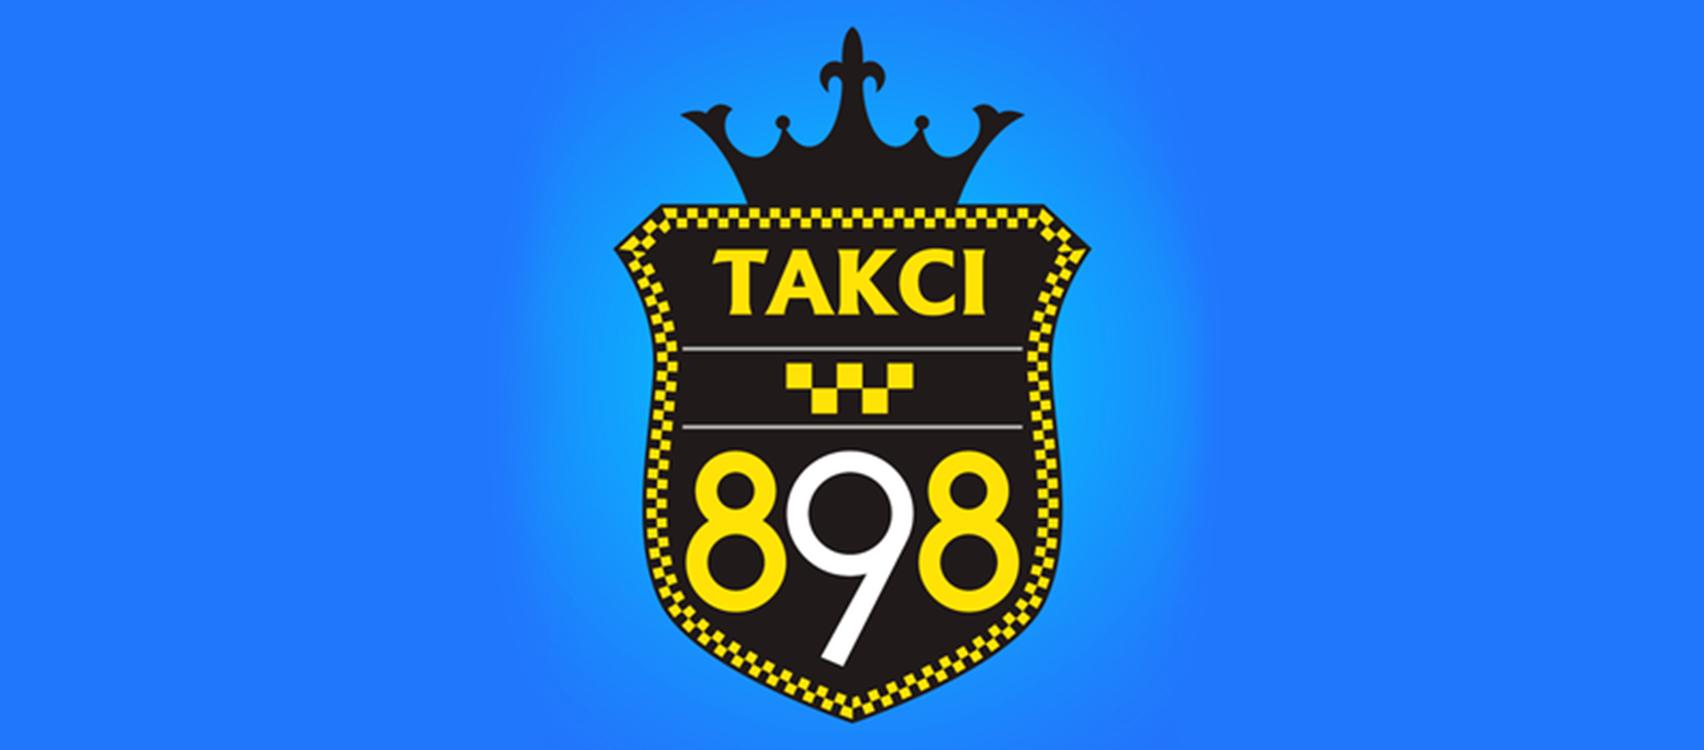 Таксі 898  (Дніпропетровськ)